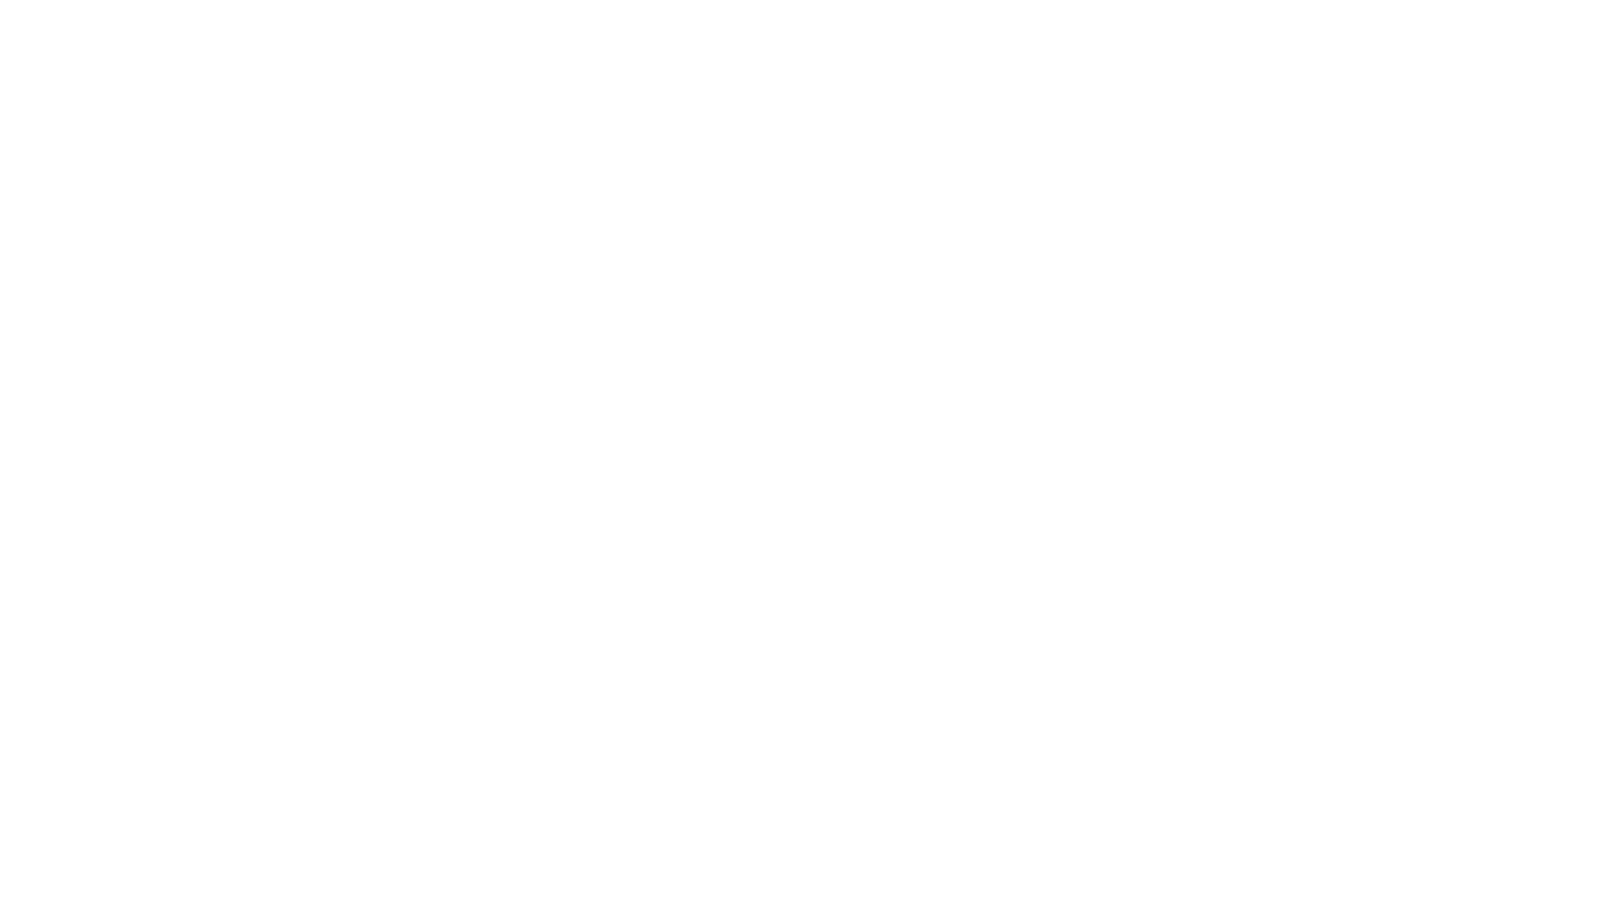 """Il Progetto COBRAF finanziato dal bando per Gruppi Operativi del PSR Toscana 2014-2020, ha organizzato una visita guidata lunedì 21 giugno 2021 ai campi sperimentali di camelina, canapa e lino presso l'Azienda Agricola Luca Matteo Lastrucci - Loc. Pinete, Fucecchio (FI)  Le visite saranno guidate sono state guidate dal Capofila del Progetto – Chimica Verde Bionet – e dagli altri partner tecnico-scientifici.  Il video è stato coordinato da ERATA, e realizzato da """"prima MEDIA azioni di Comunicazione""""."""